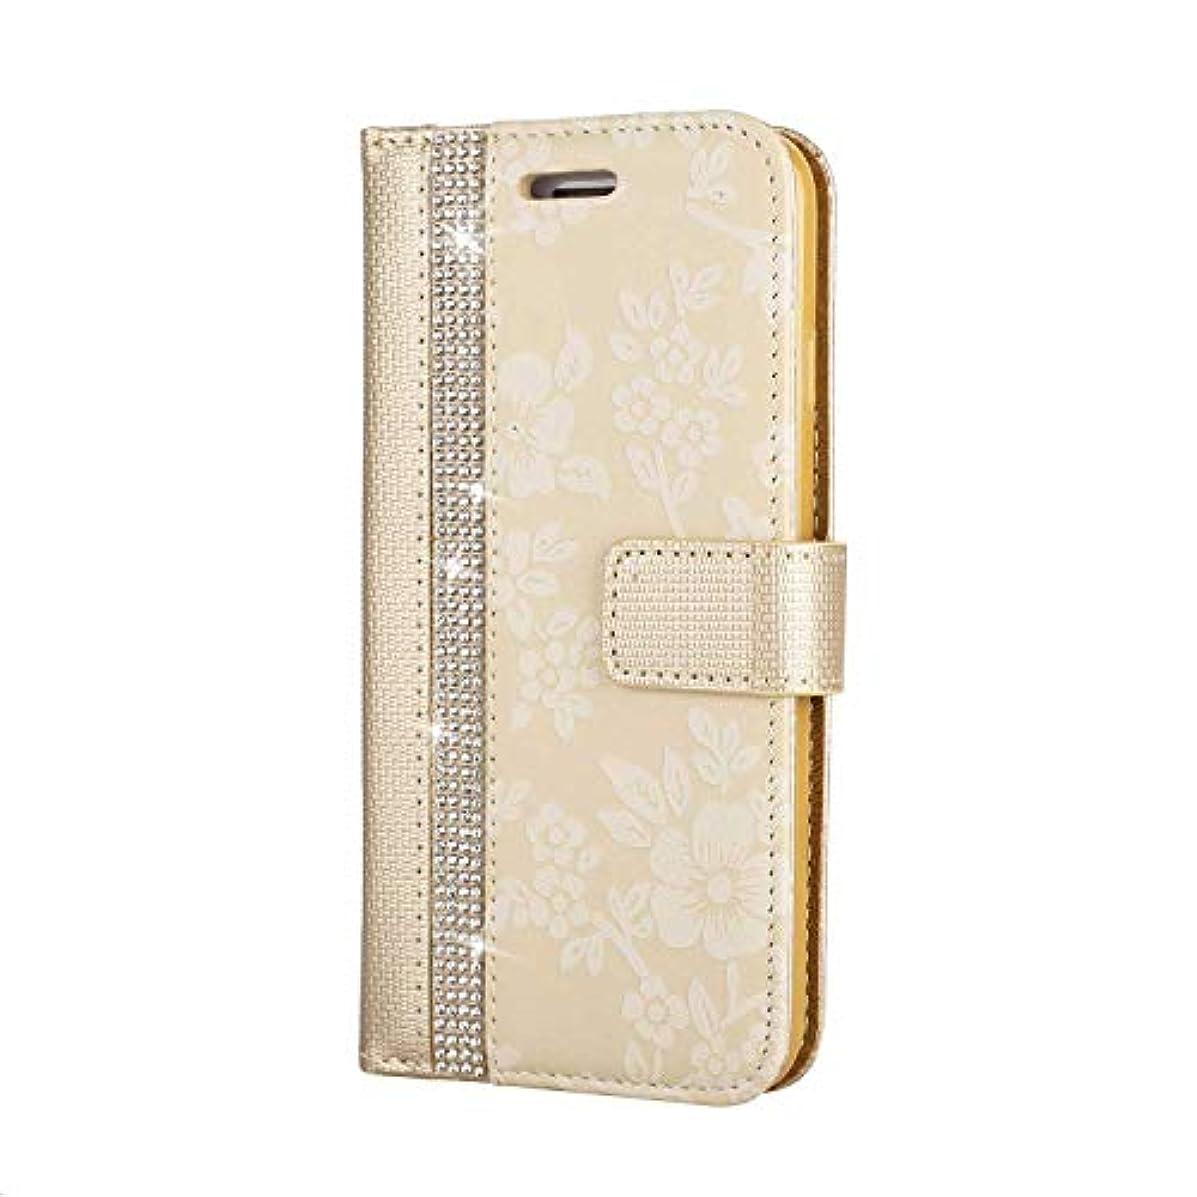 偏見異常準拠CUNUS iPhone 7 / iPhone 8 用 ウォレット ケース, プレミアム PUレザー 全面保護 ケース 耐衝撃 スタンド機能 耐汚れ カード収納 カバー, ゴールド